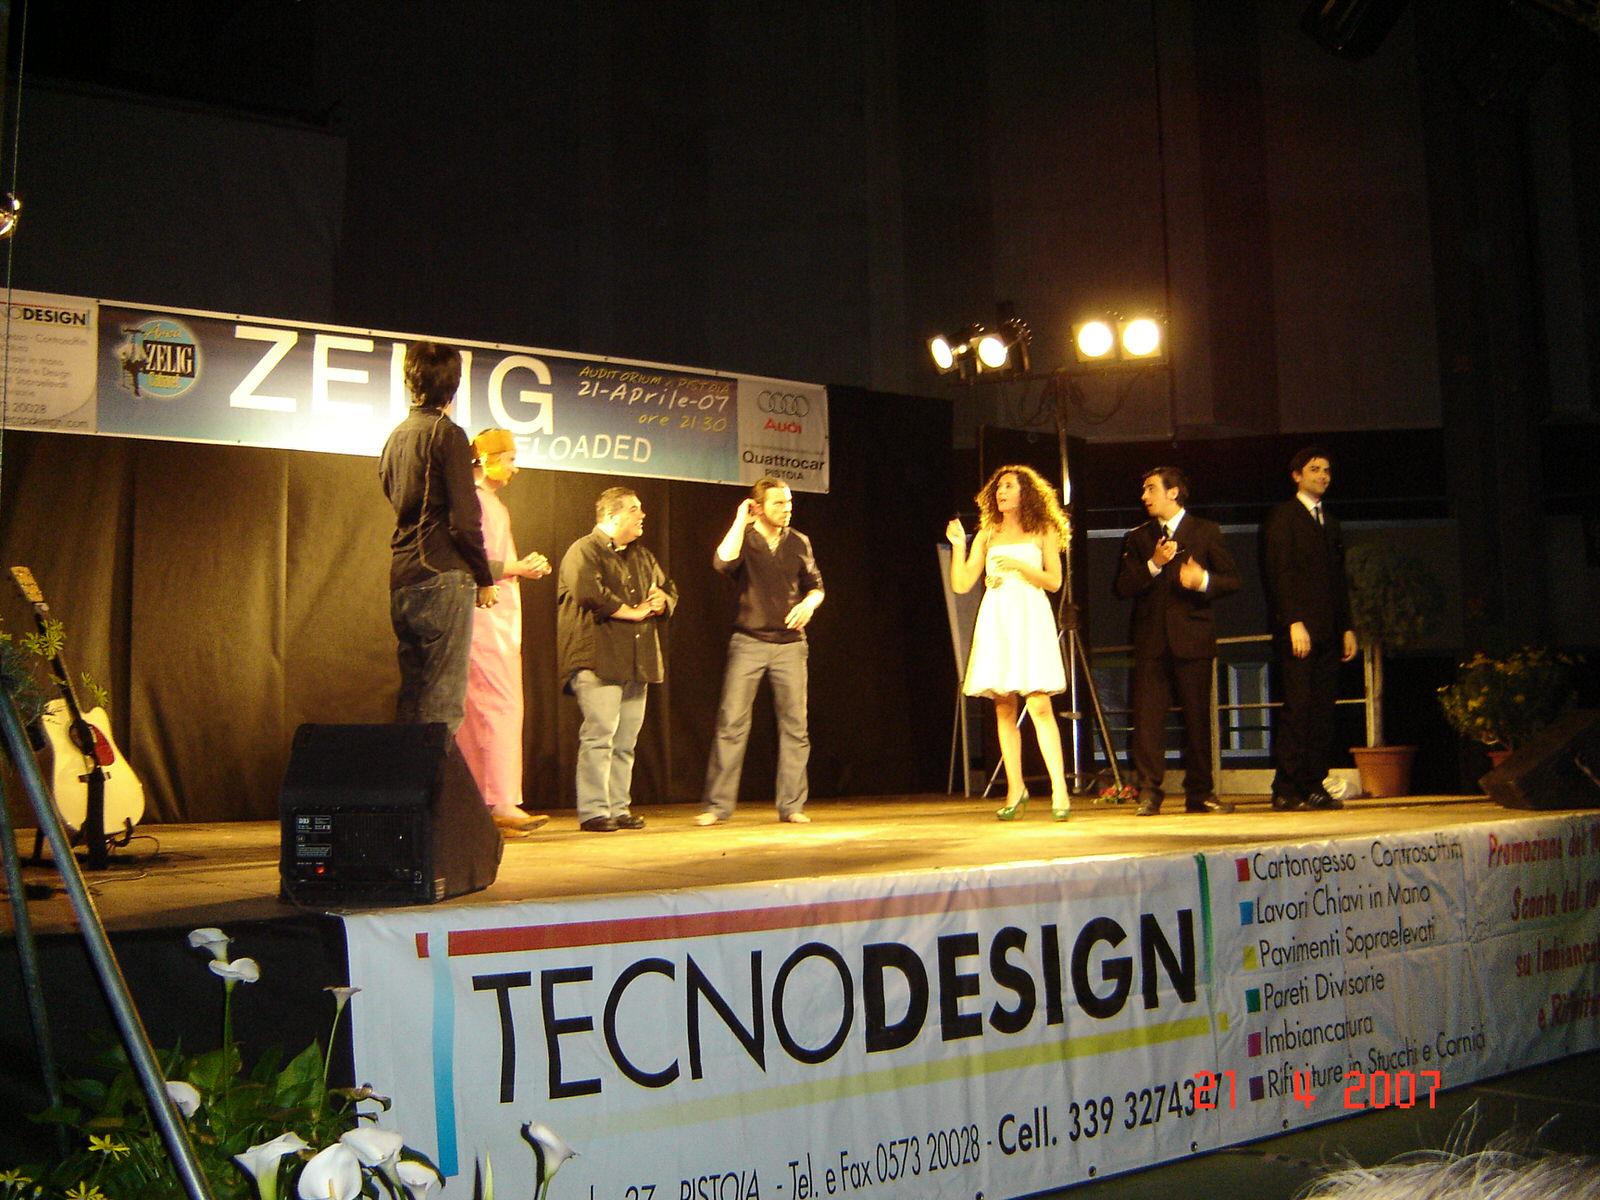 zelig2007-3